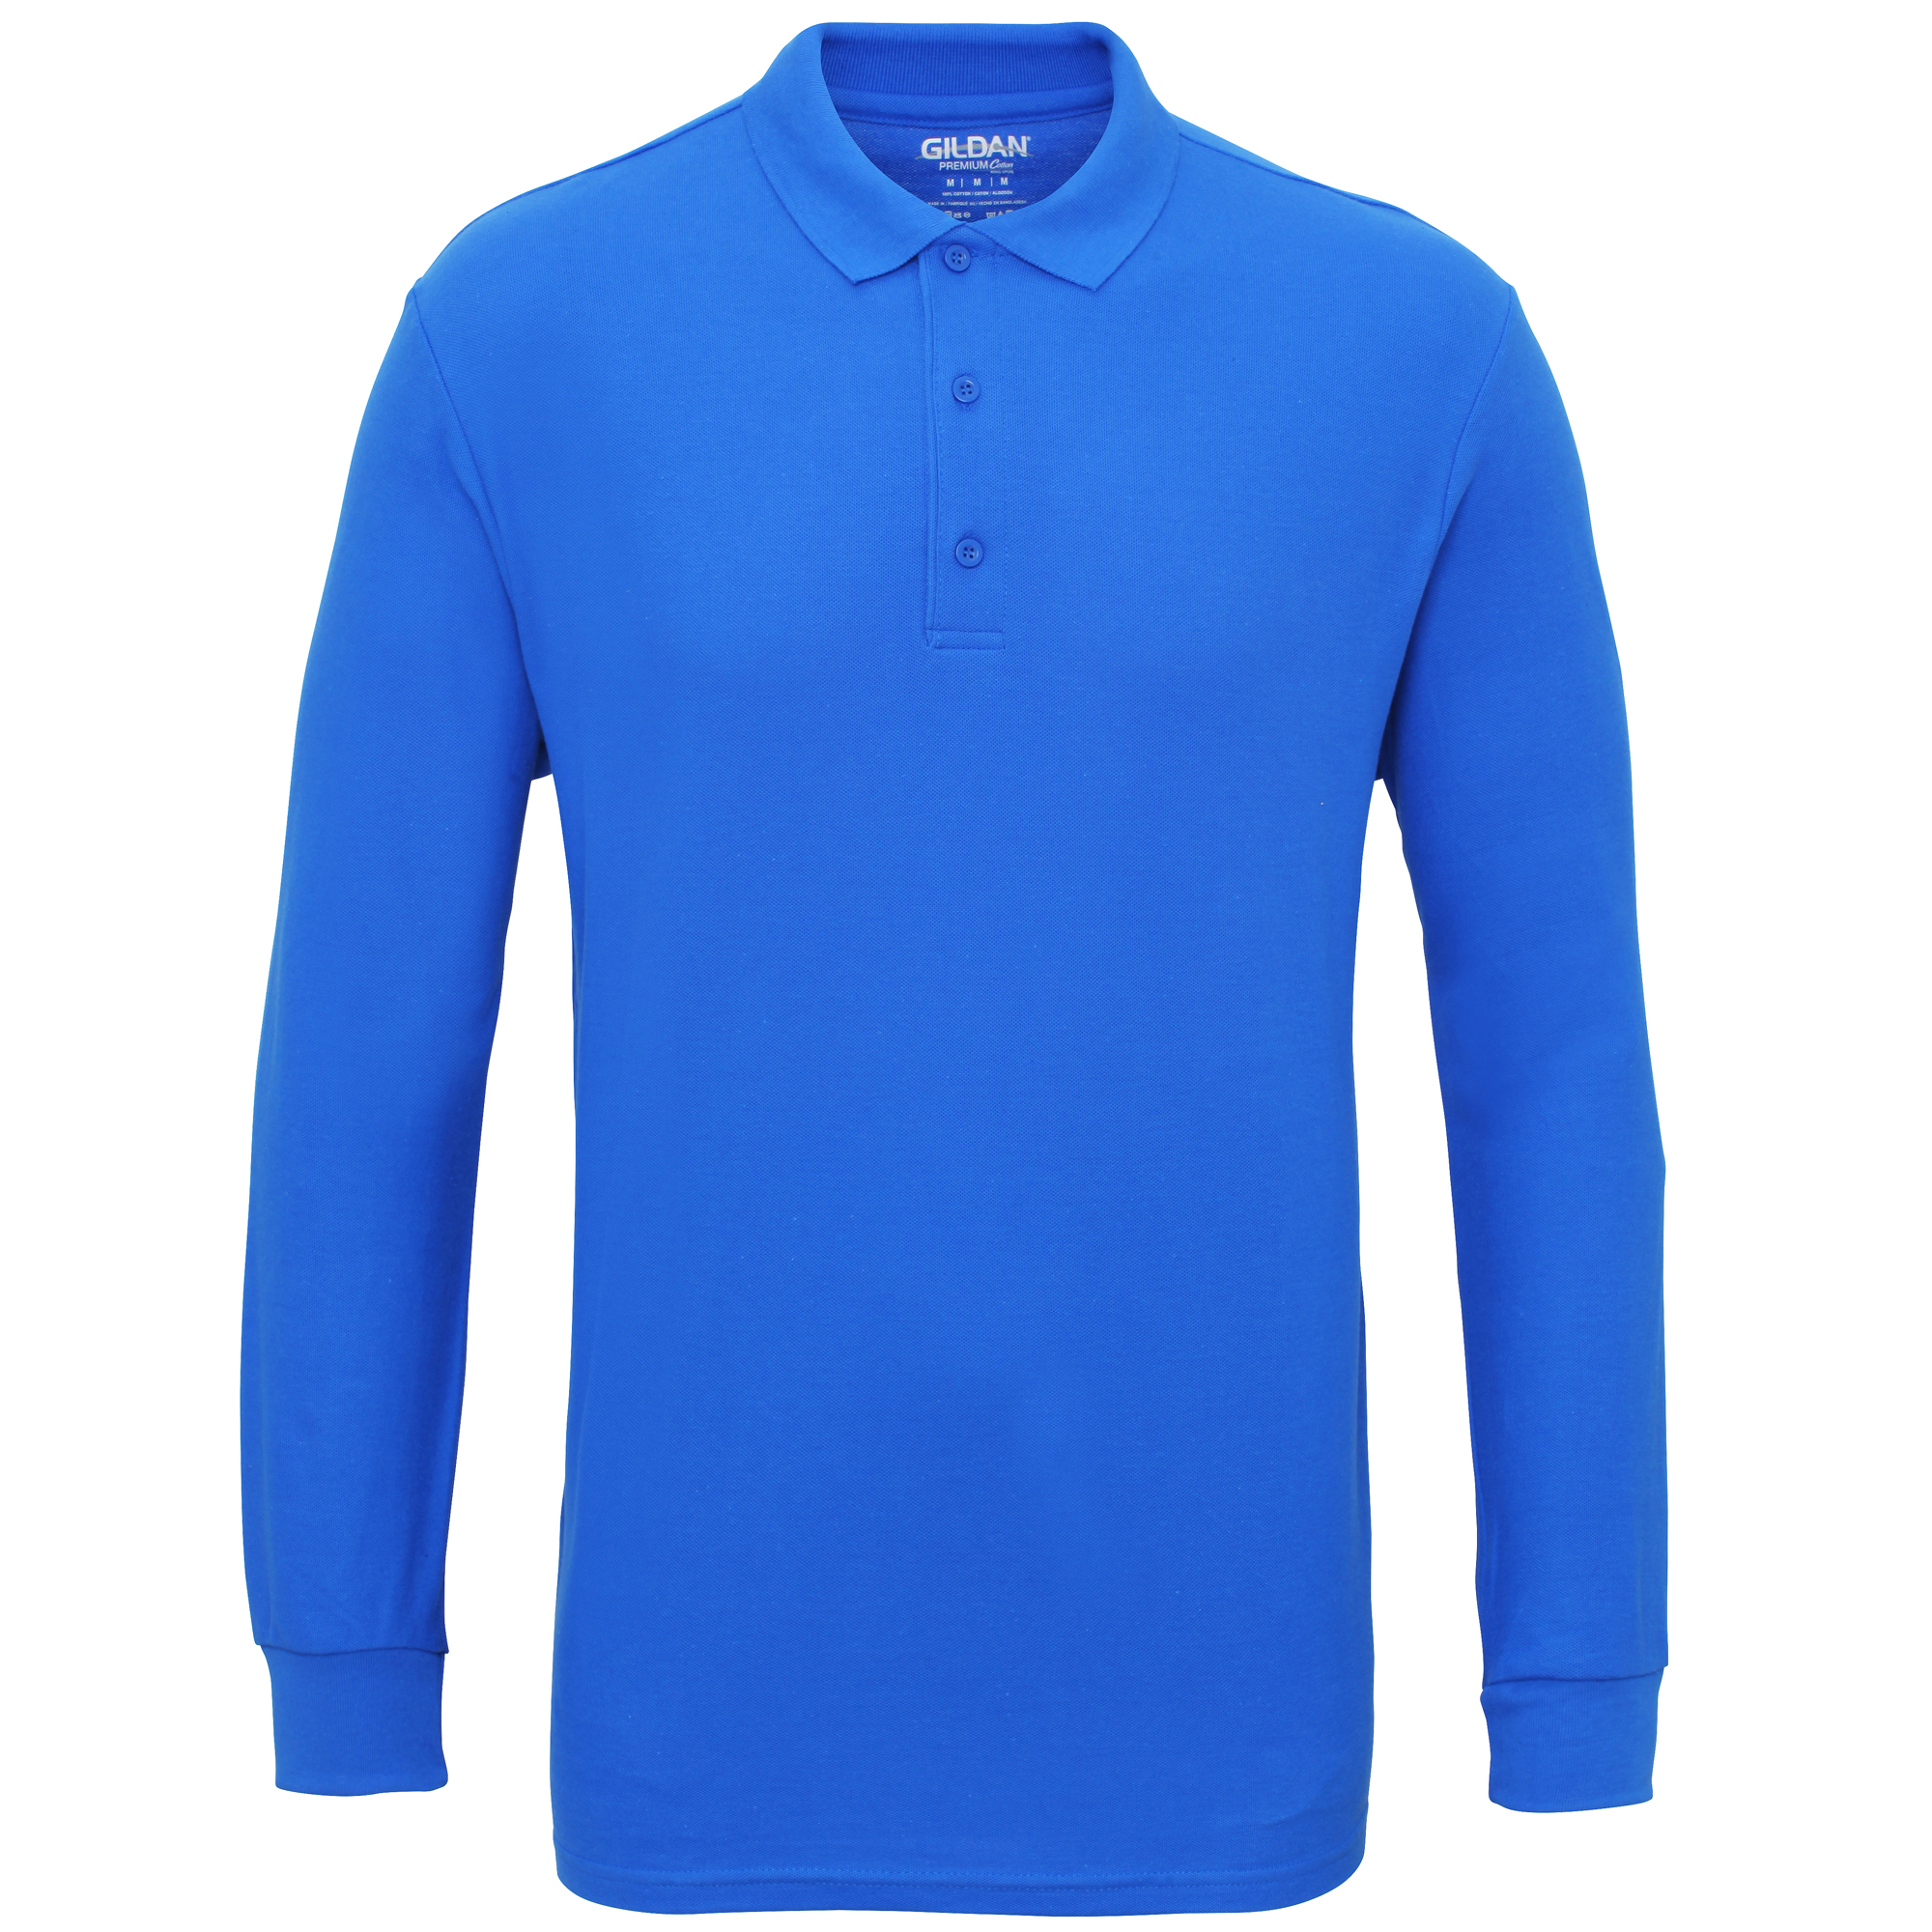 Gildan-Mens-Long-Sleeve-Double-Pique-Cotton-Polo-Shirt-BC3485 thumbnail 5